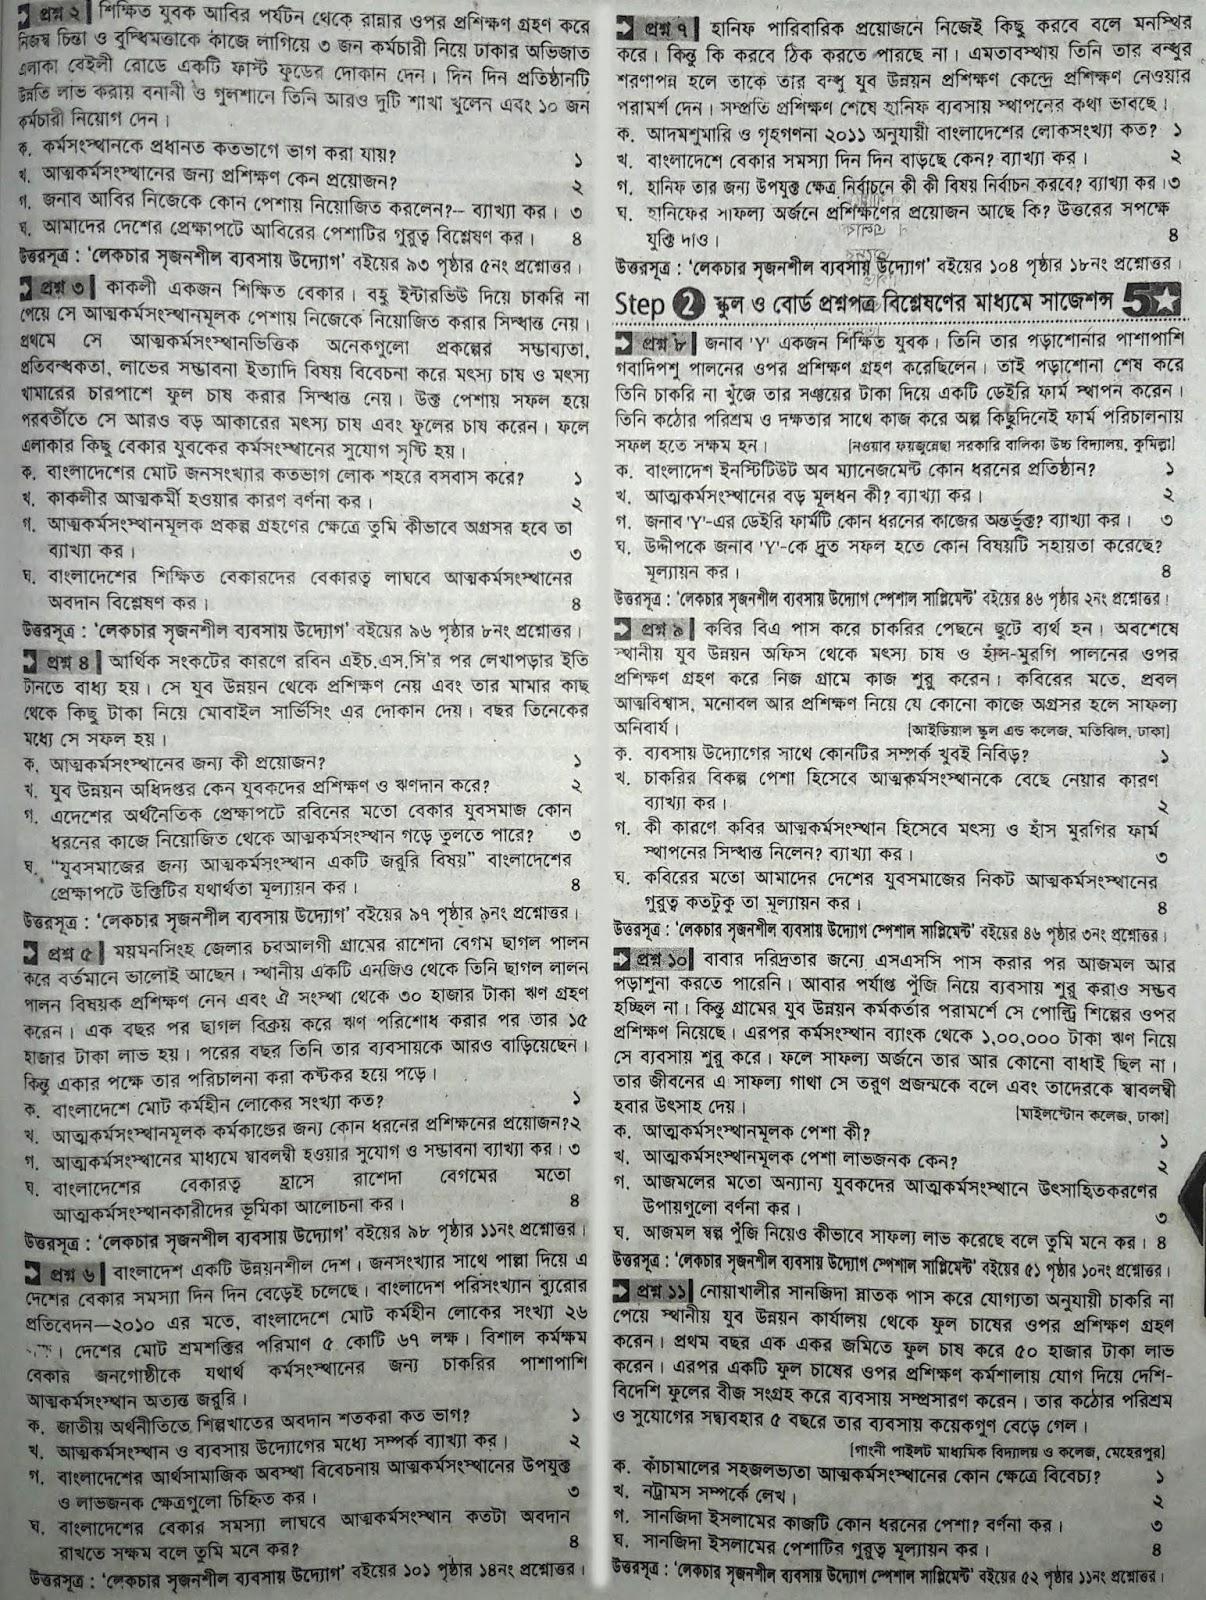 এস এস সি ব্যবসায় উদ্যোগ সাজেশন ২০২০ | এস এস সি ব্যবসায় উদ্যোগ প্রশ্ন ২০২০